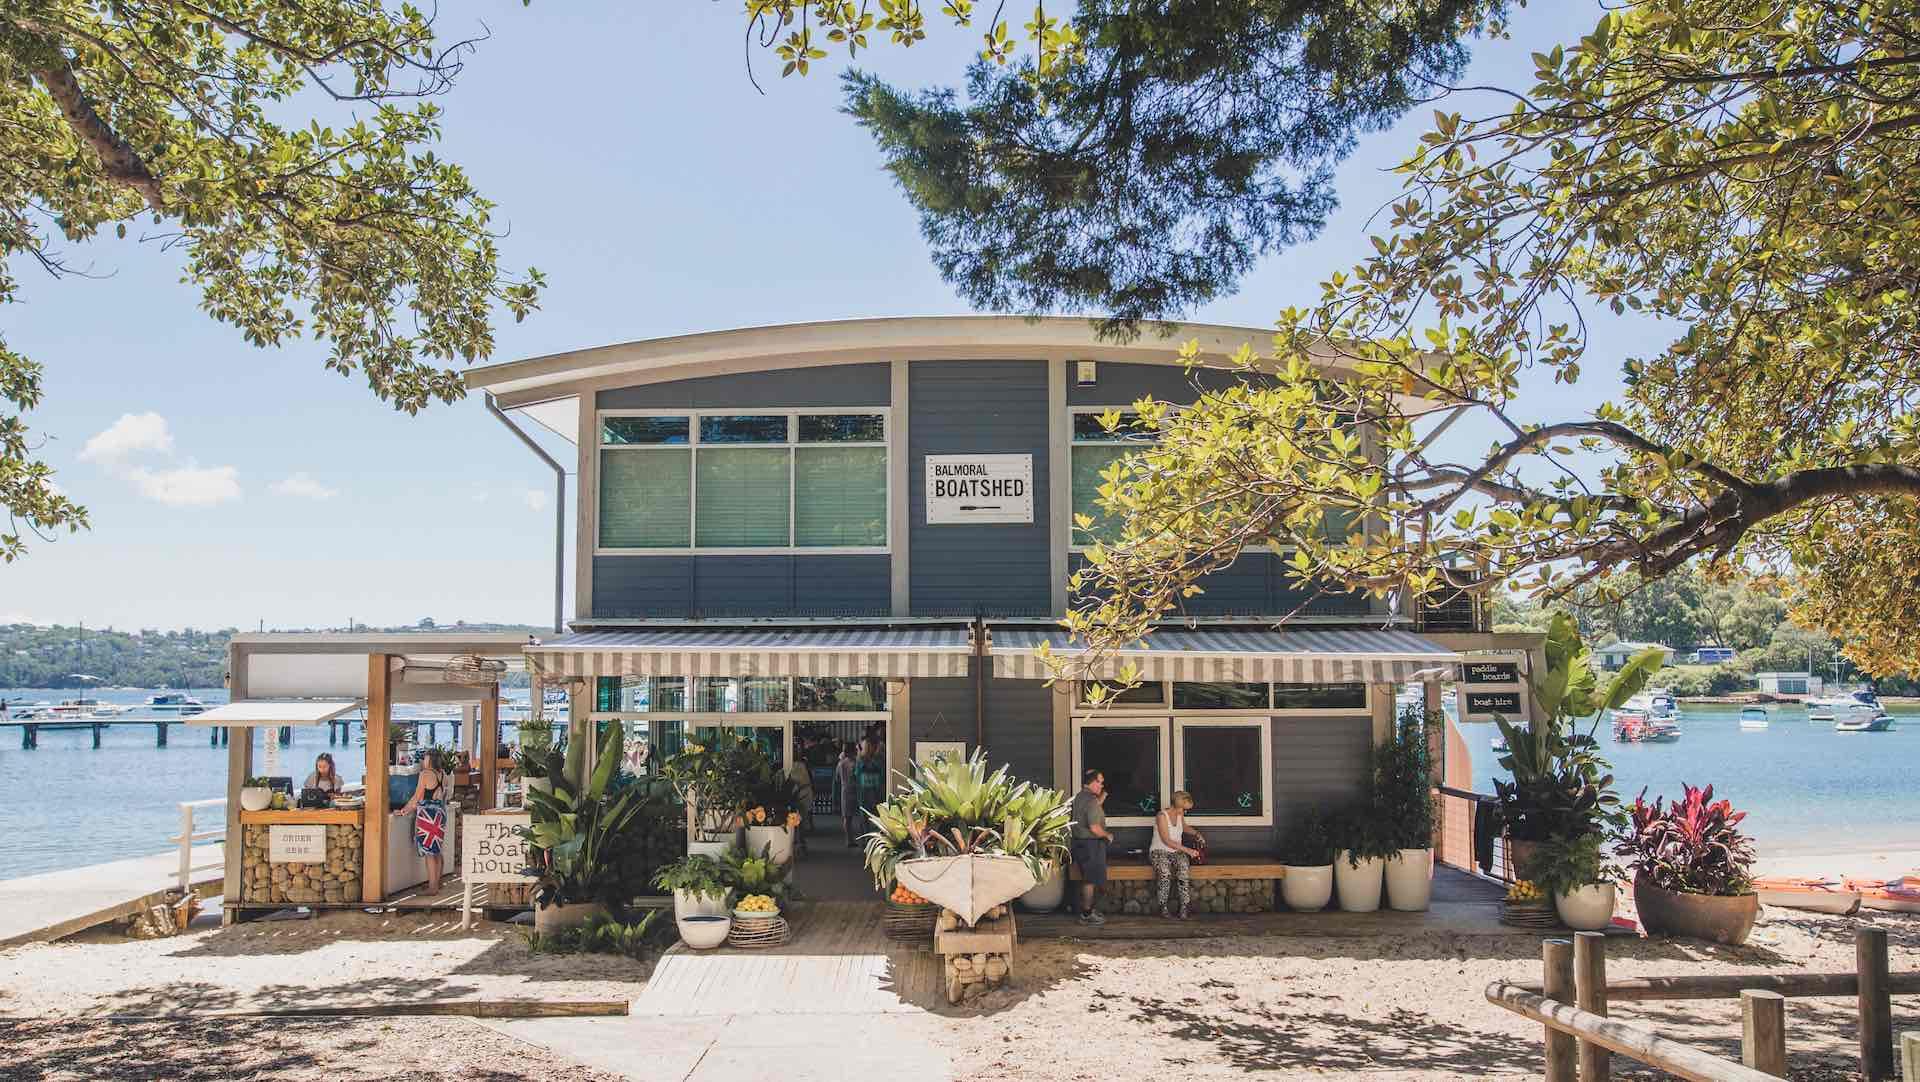 Image: The Boathouse Group